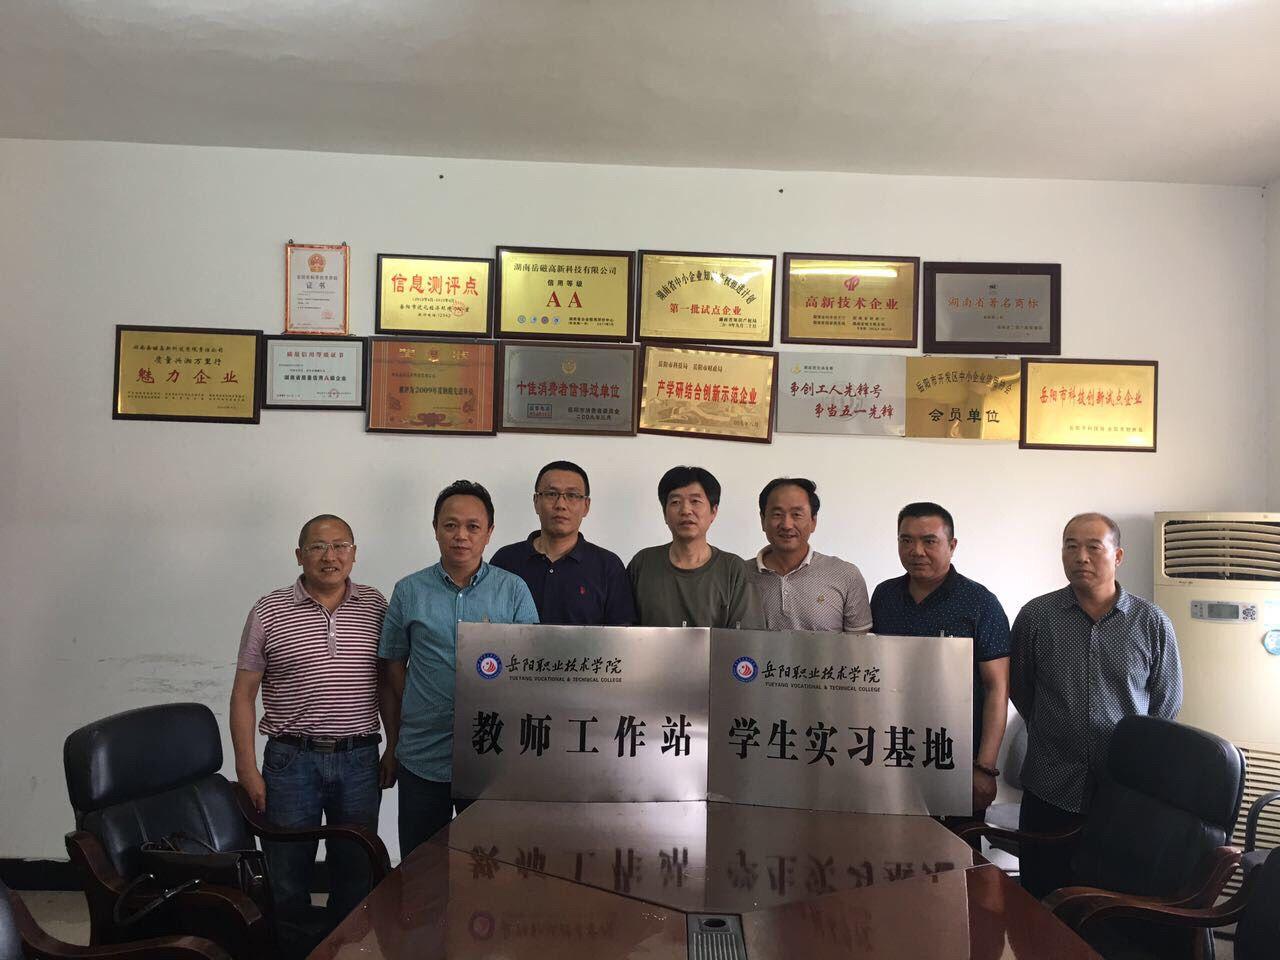 校企合作  发展共赢 ——我公司与岳阳职业技术学院建立全面产学研合作关系